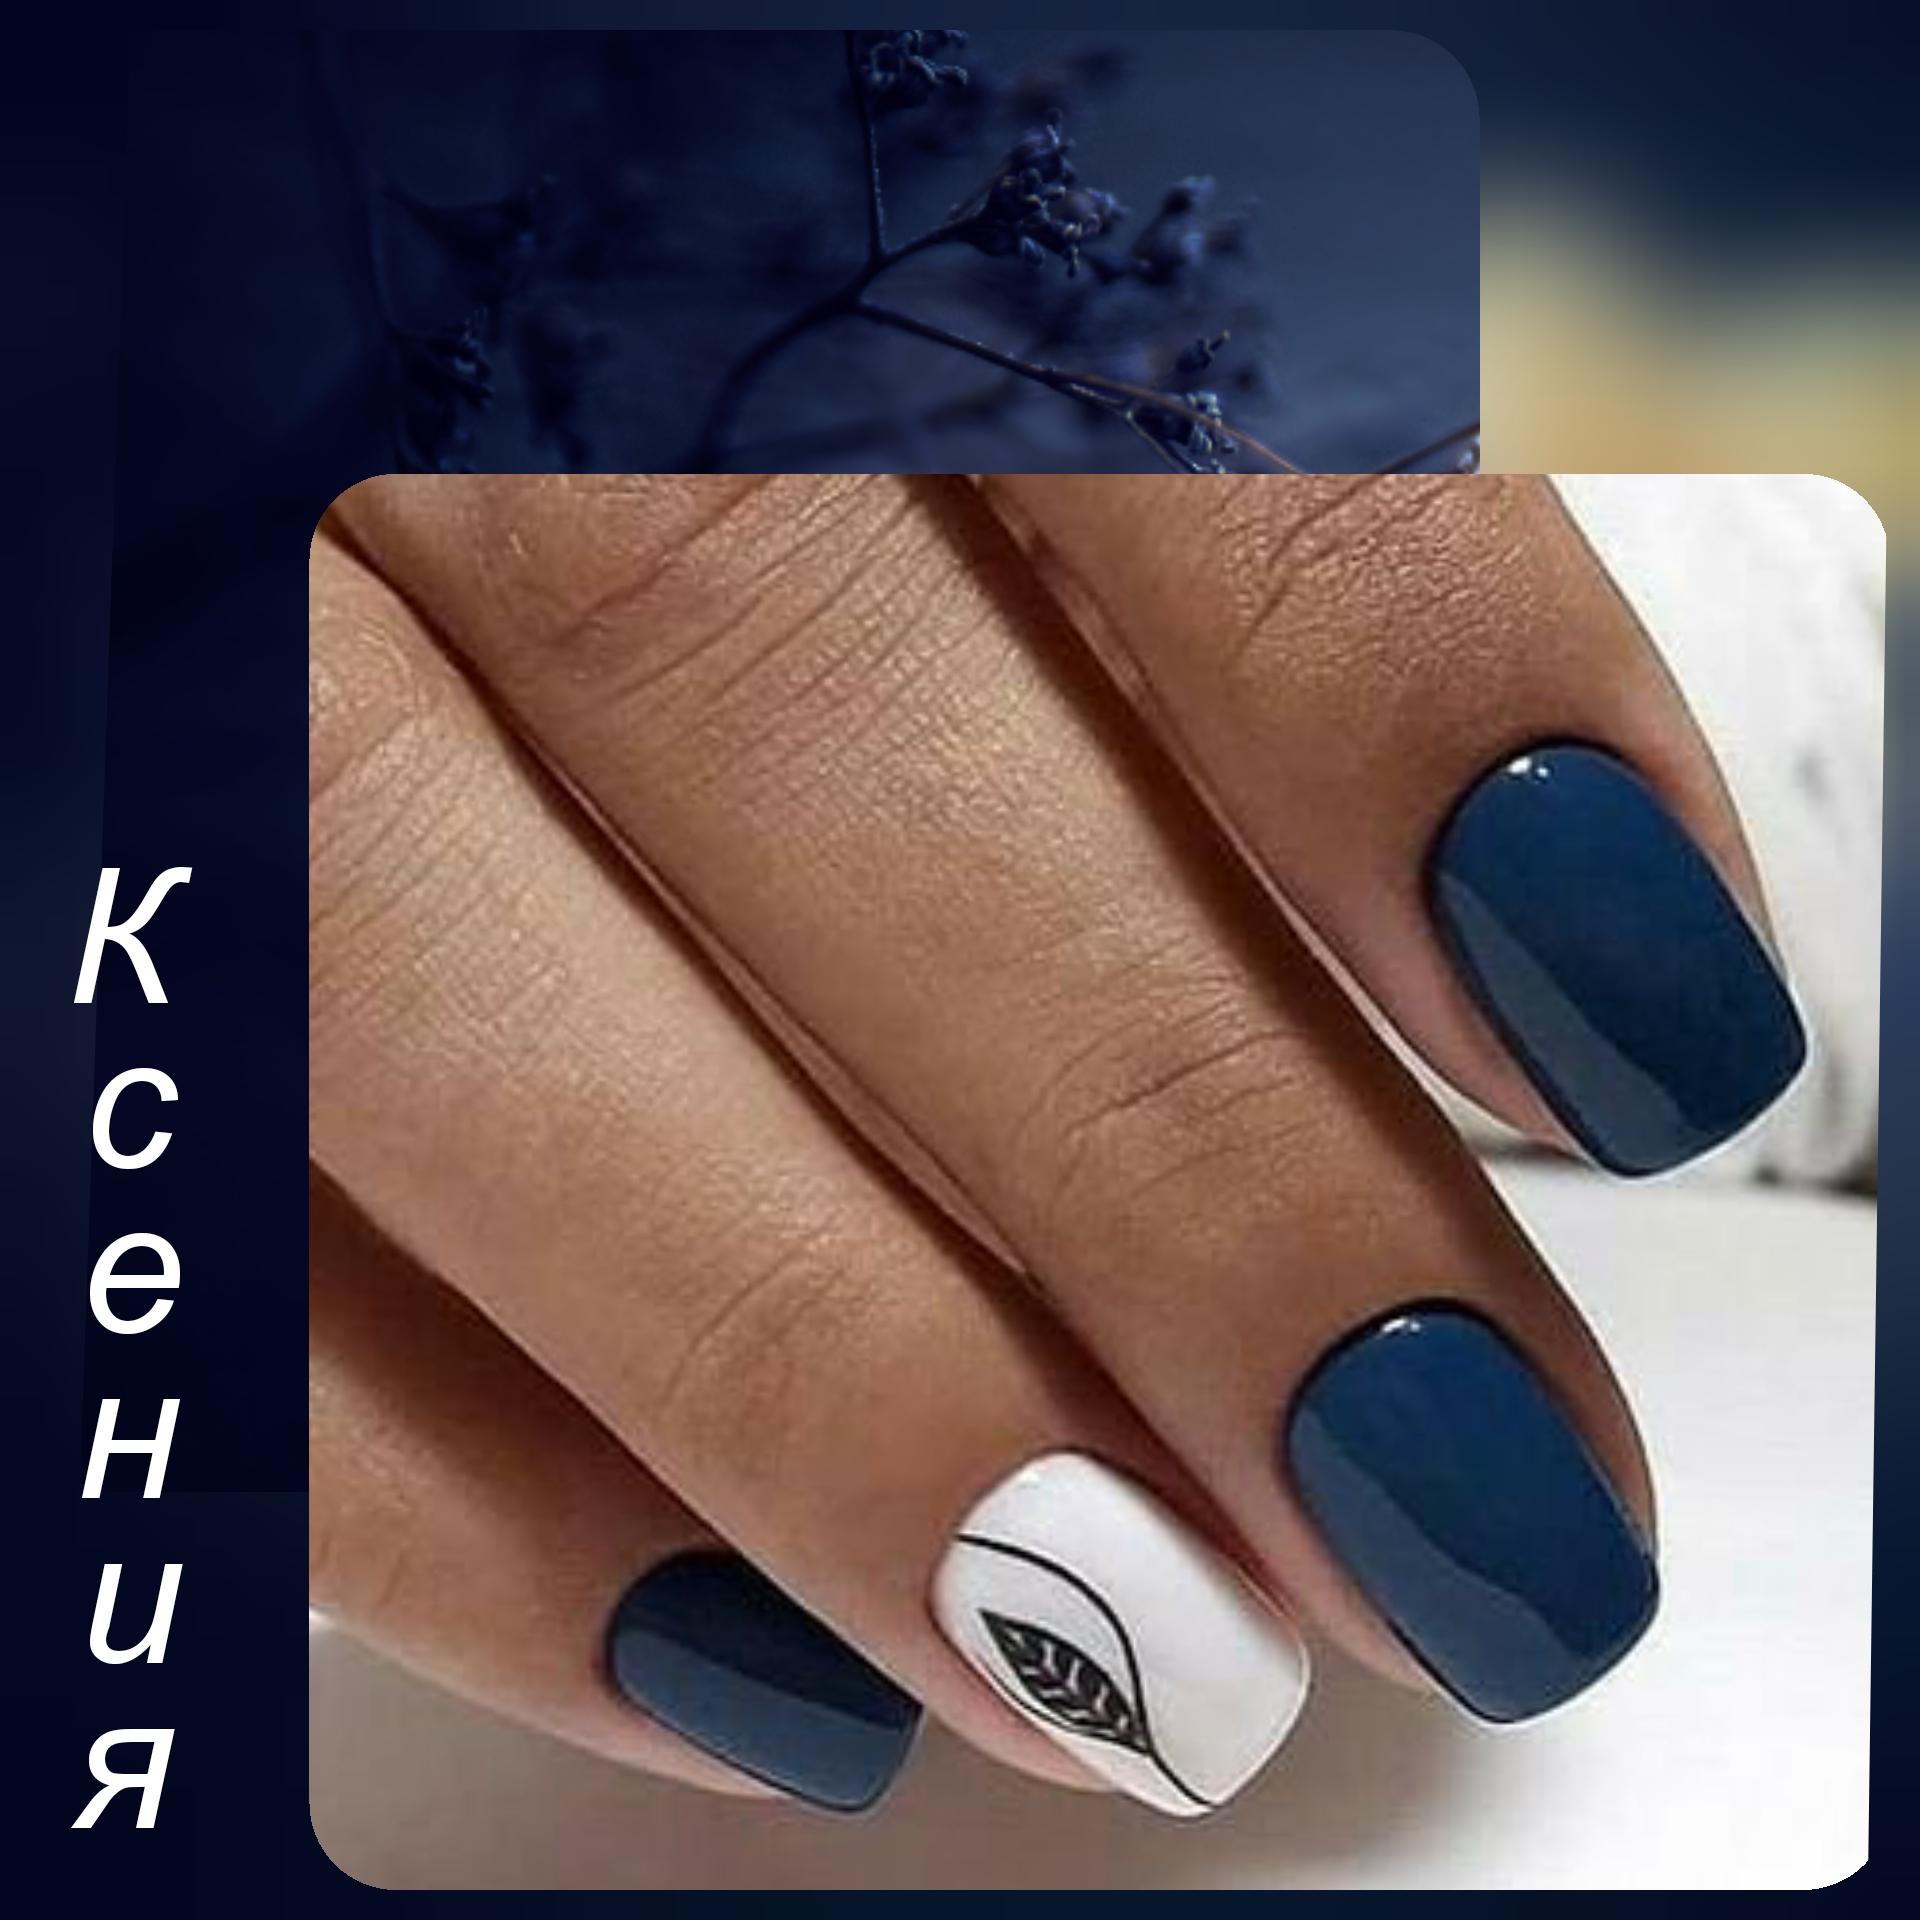 Маникюр с растительным рисунком в темно-синем цвете.